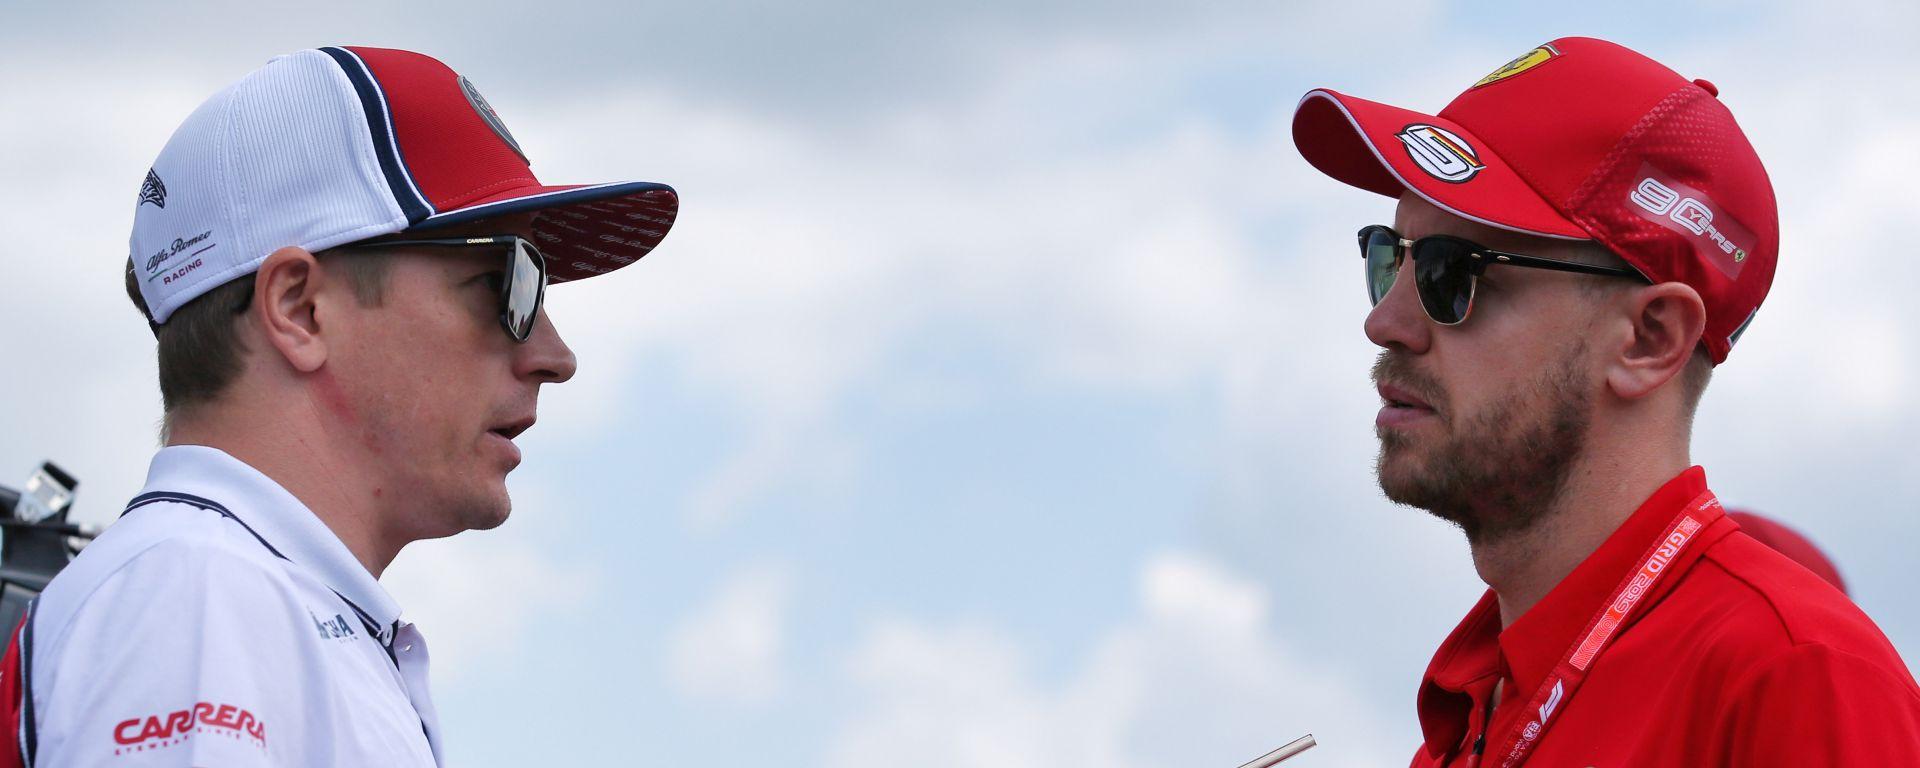 """Raikkonen: """"La Ferrari non è molto diversa da qualsiasi altra squadra"""""""